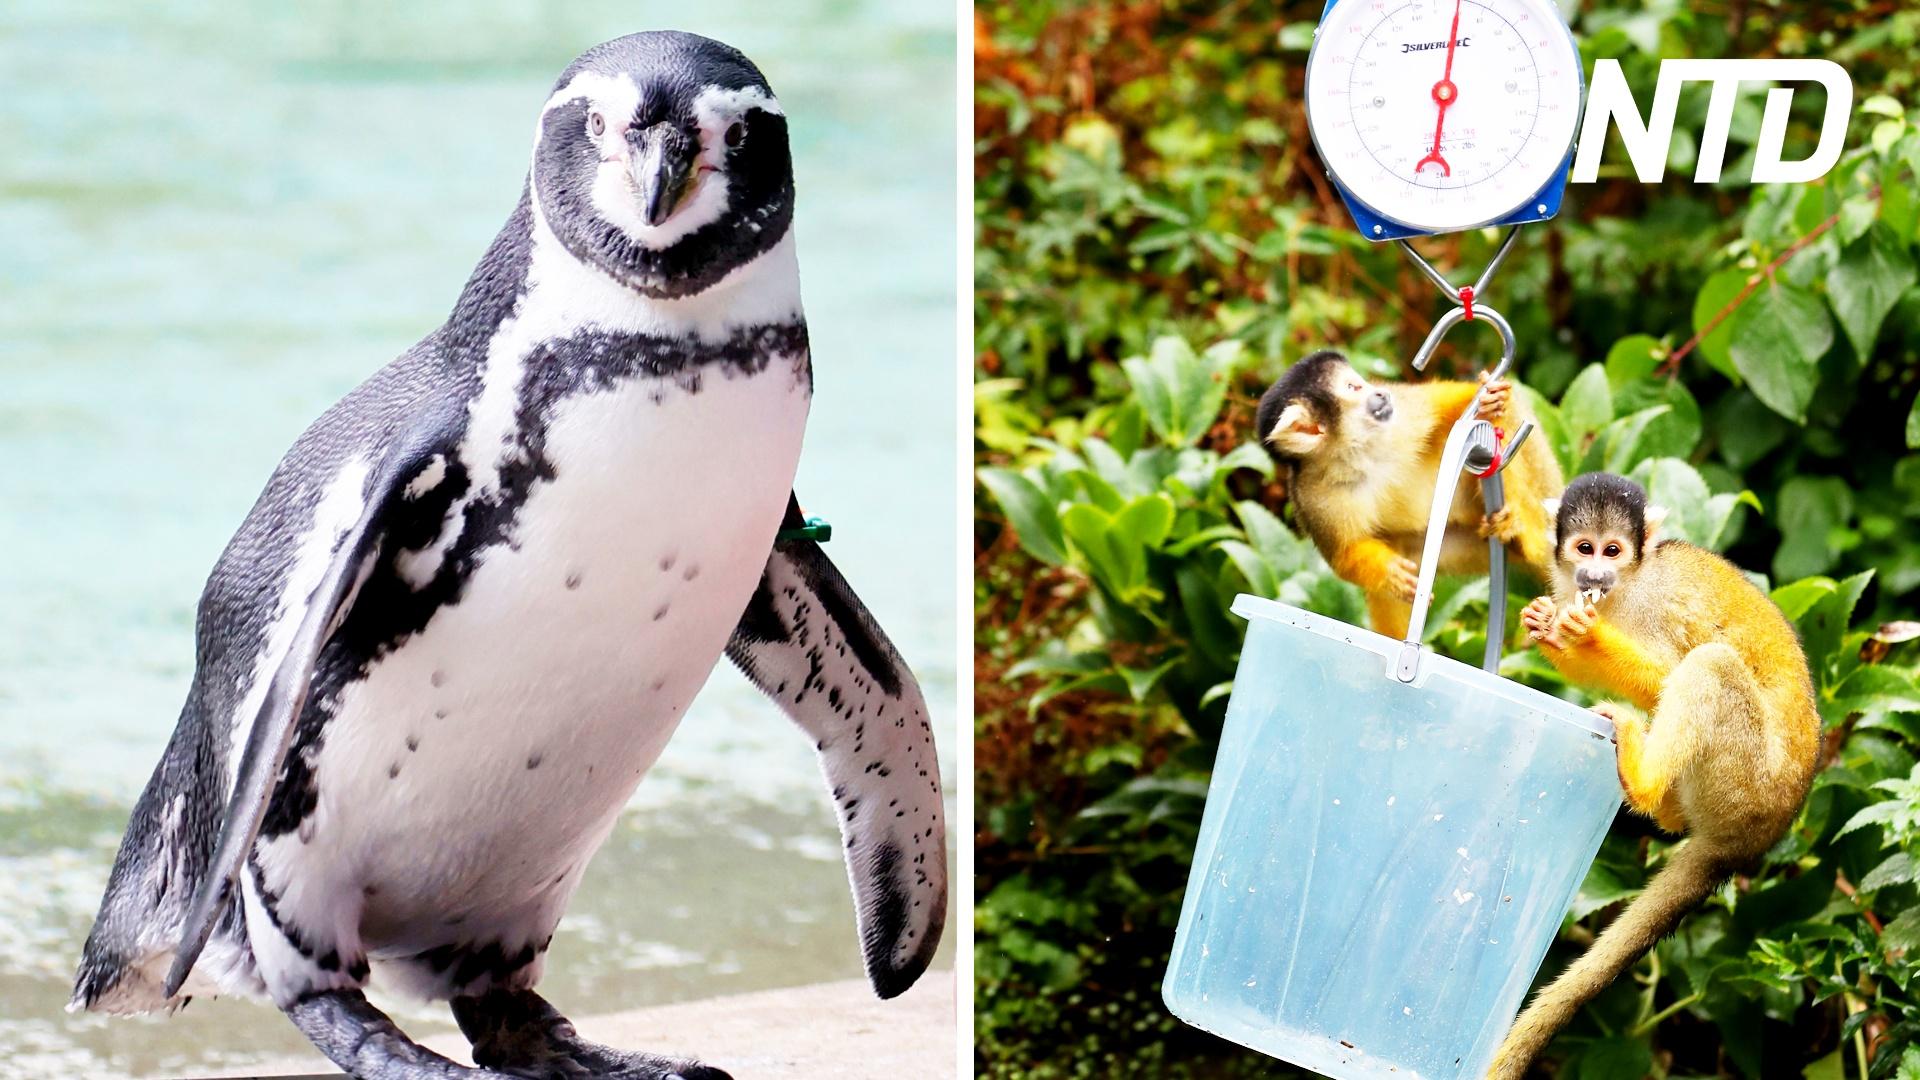 Весы и рулетки: в Лондонском зоопарке измеряют и взвешивают питомцев